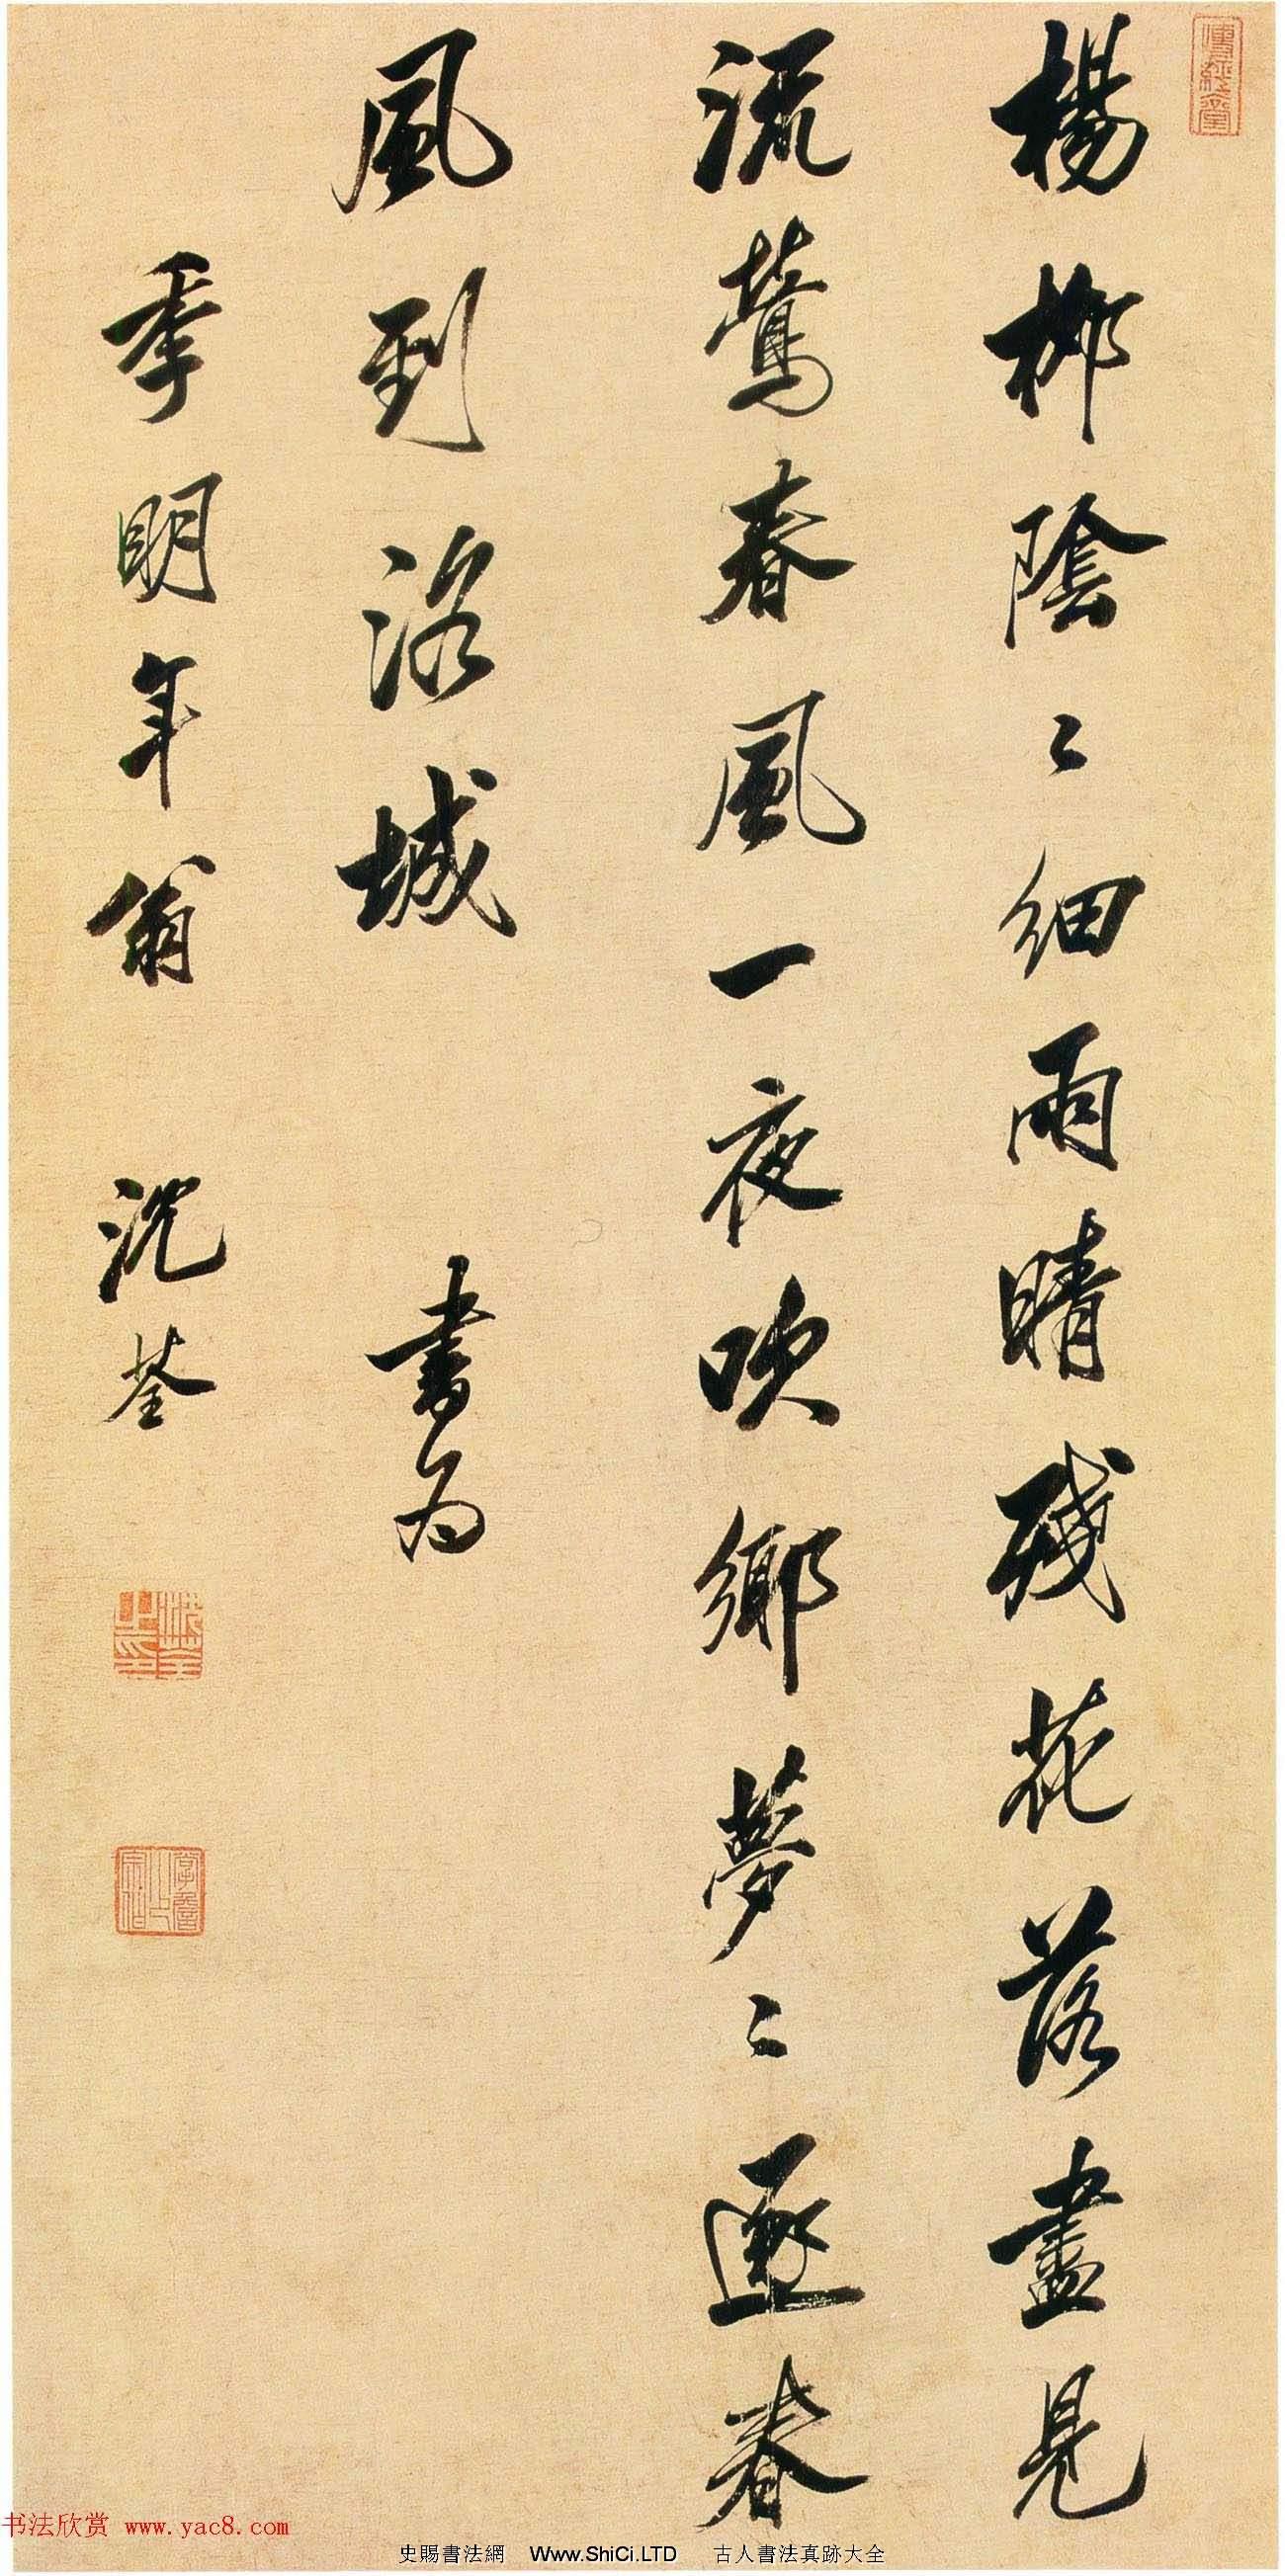 康熙皇帝的書法老師沈荃墨跡真跡欣賞(共8張圖片)